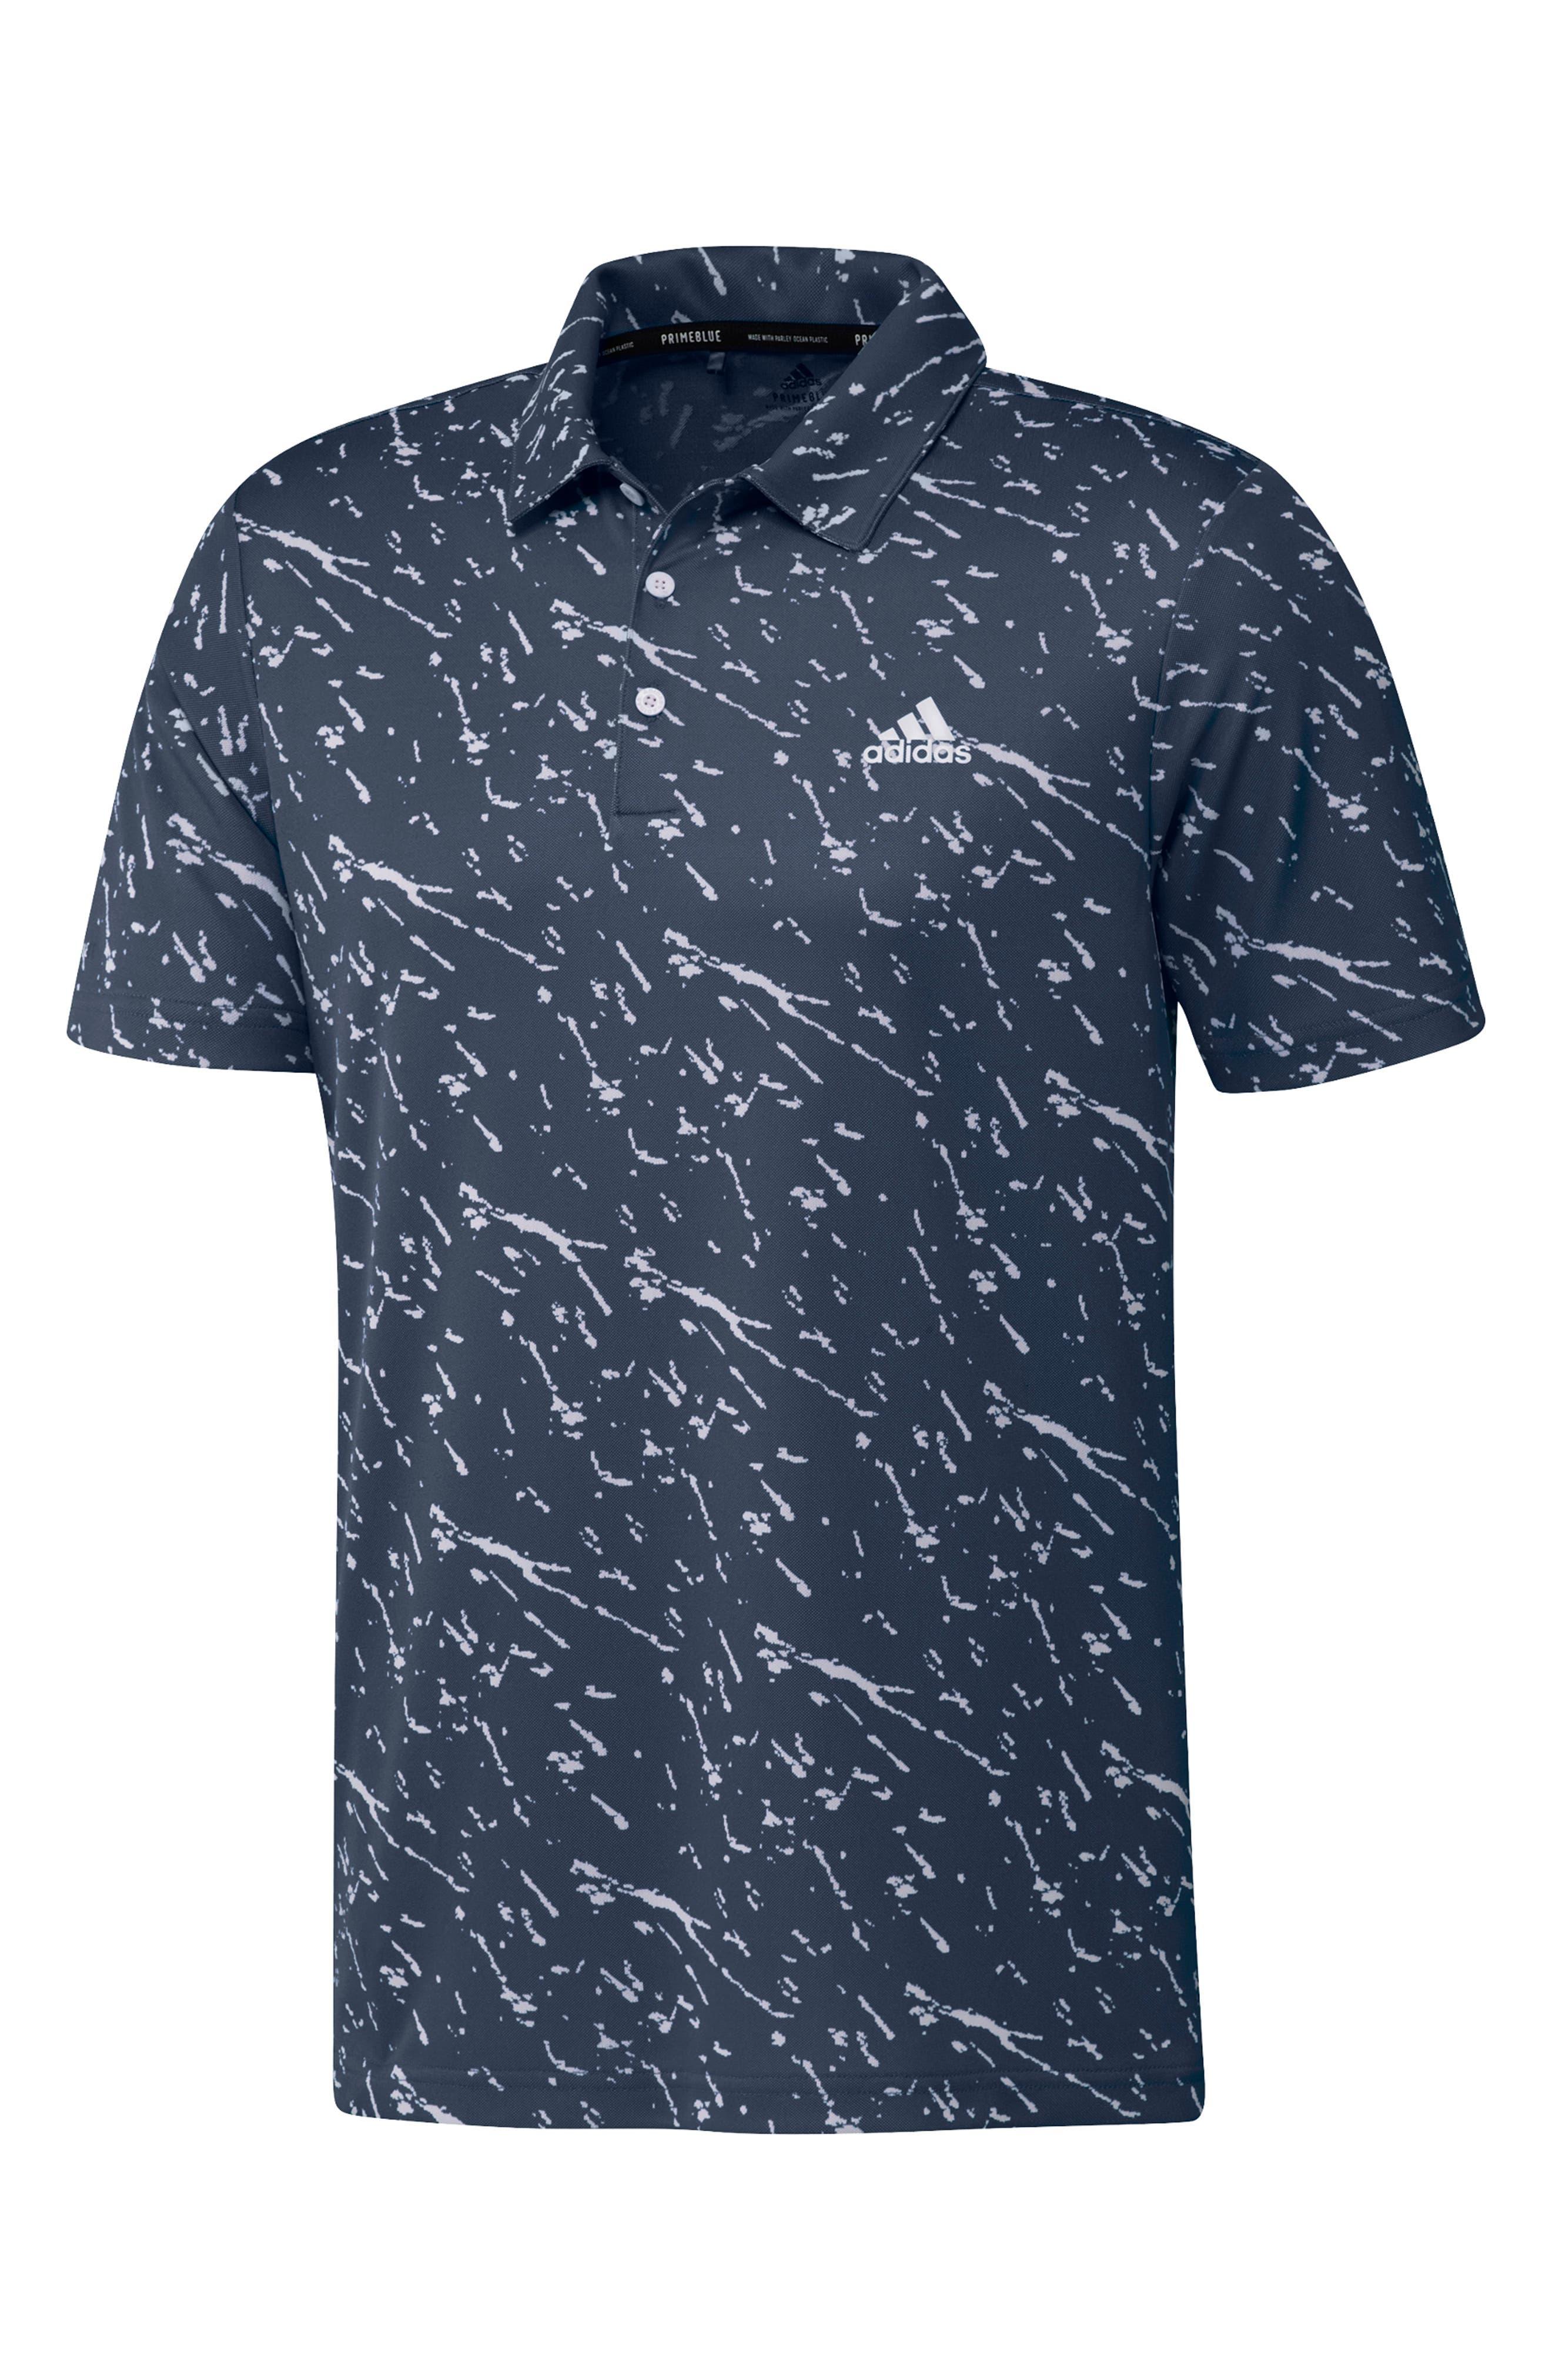 Men's Adidas Men's Primeblue Golf Polo